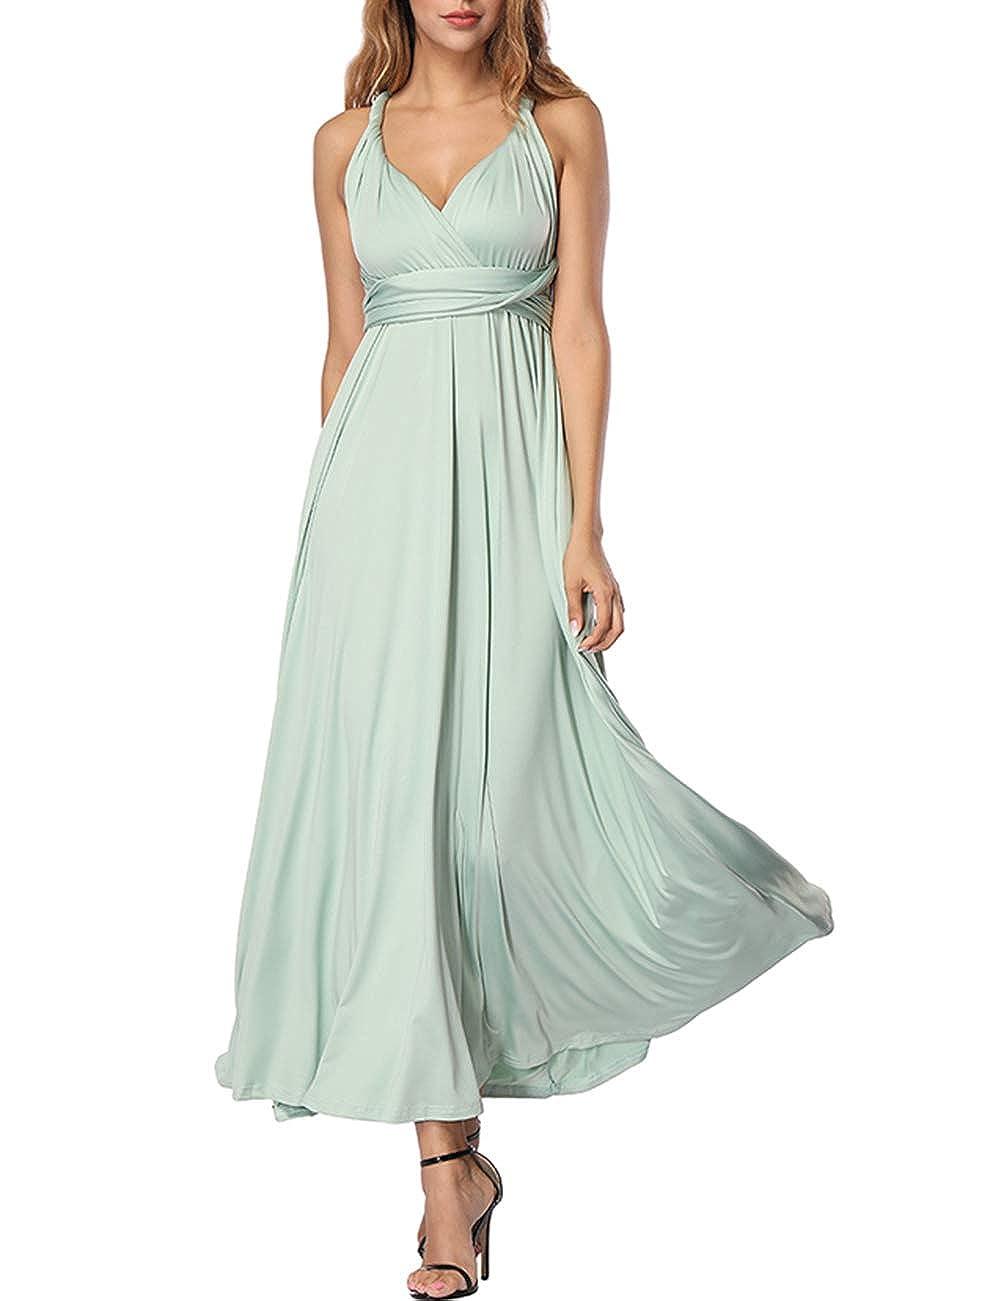 TALLA XL(ES 46-50). FeelinGirl Mujer Vestido de Noche Longitud Máxima Falda Fiesta Cóctel Tirantes Convertibles Multi-Manera Verde XL(ES 46-50)